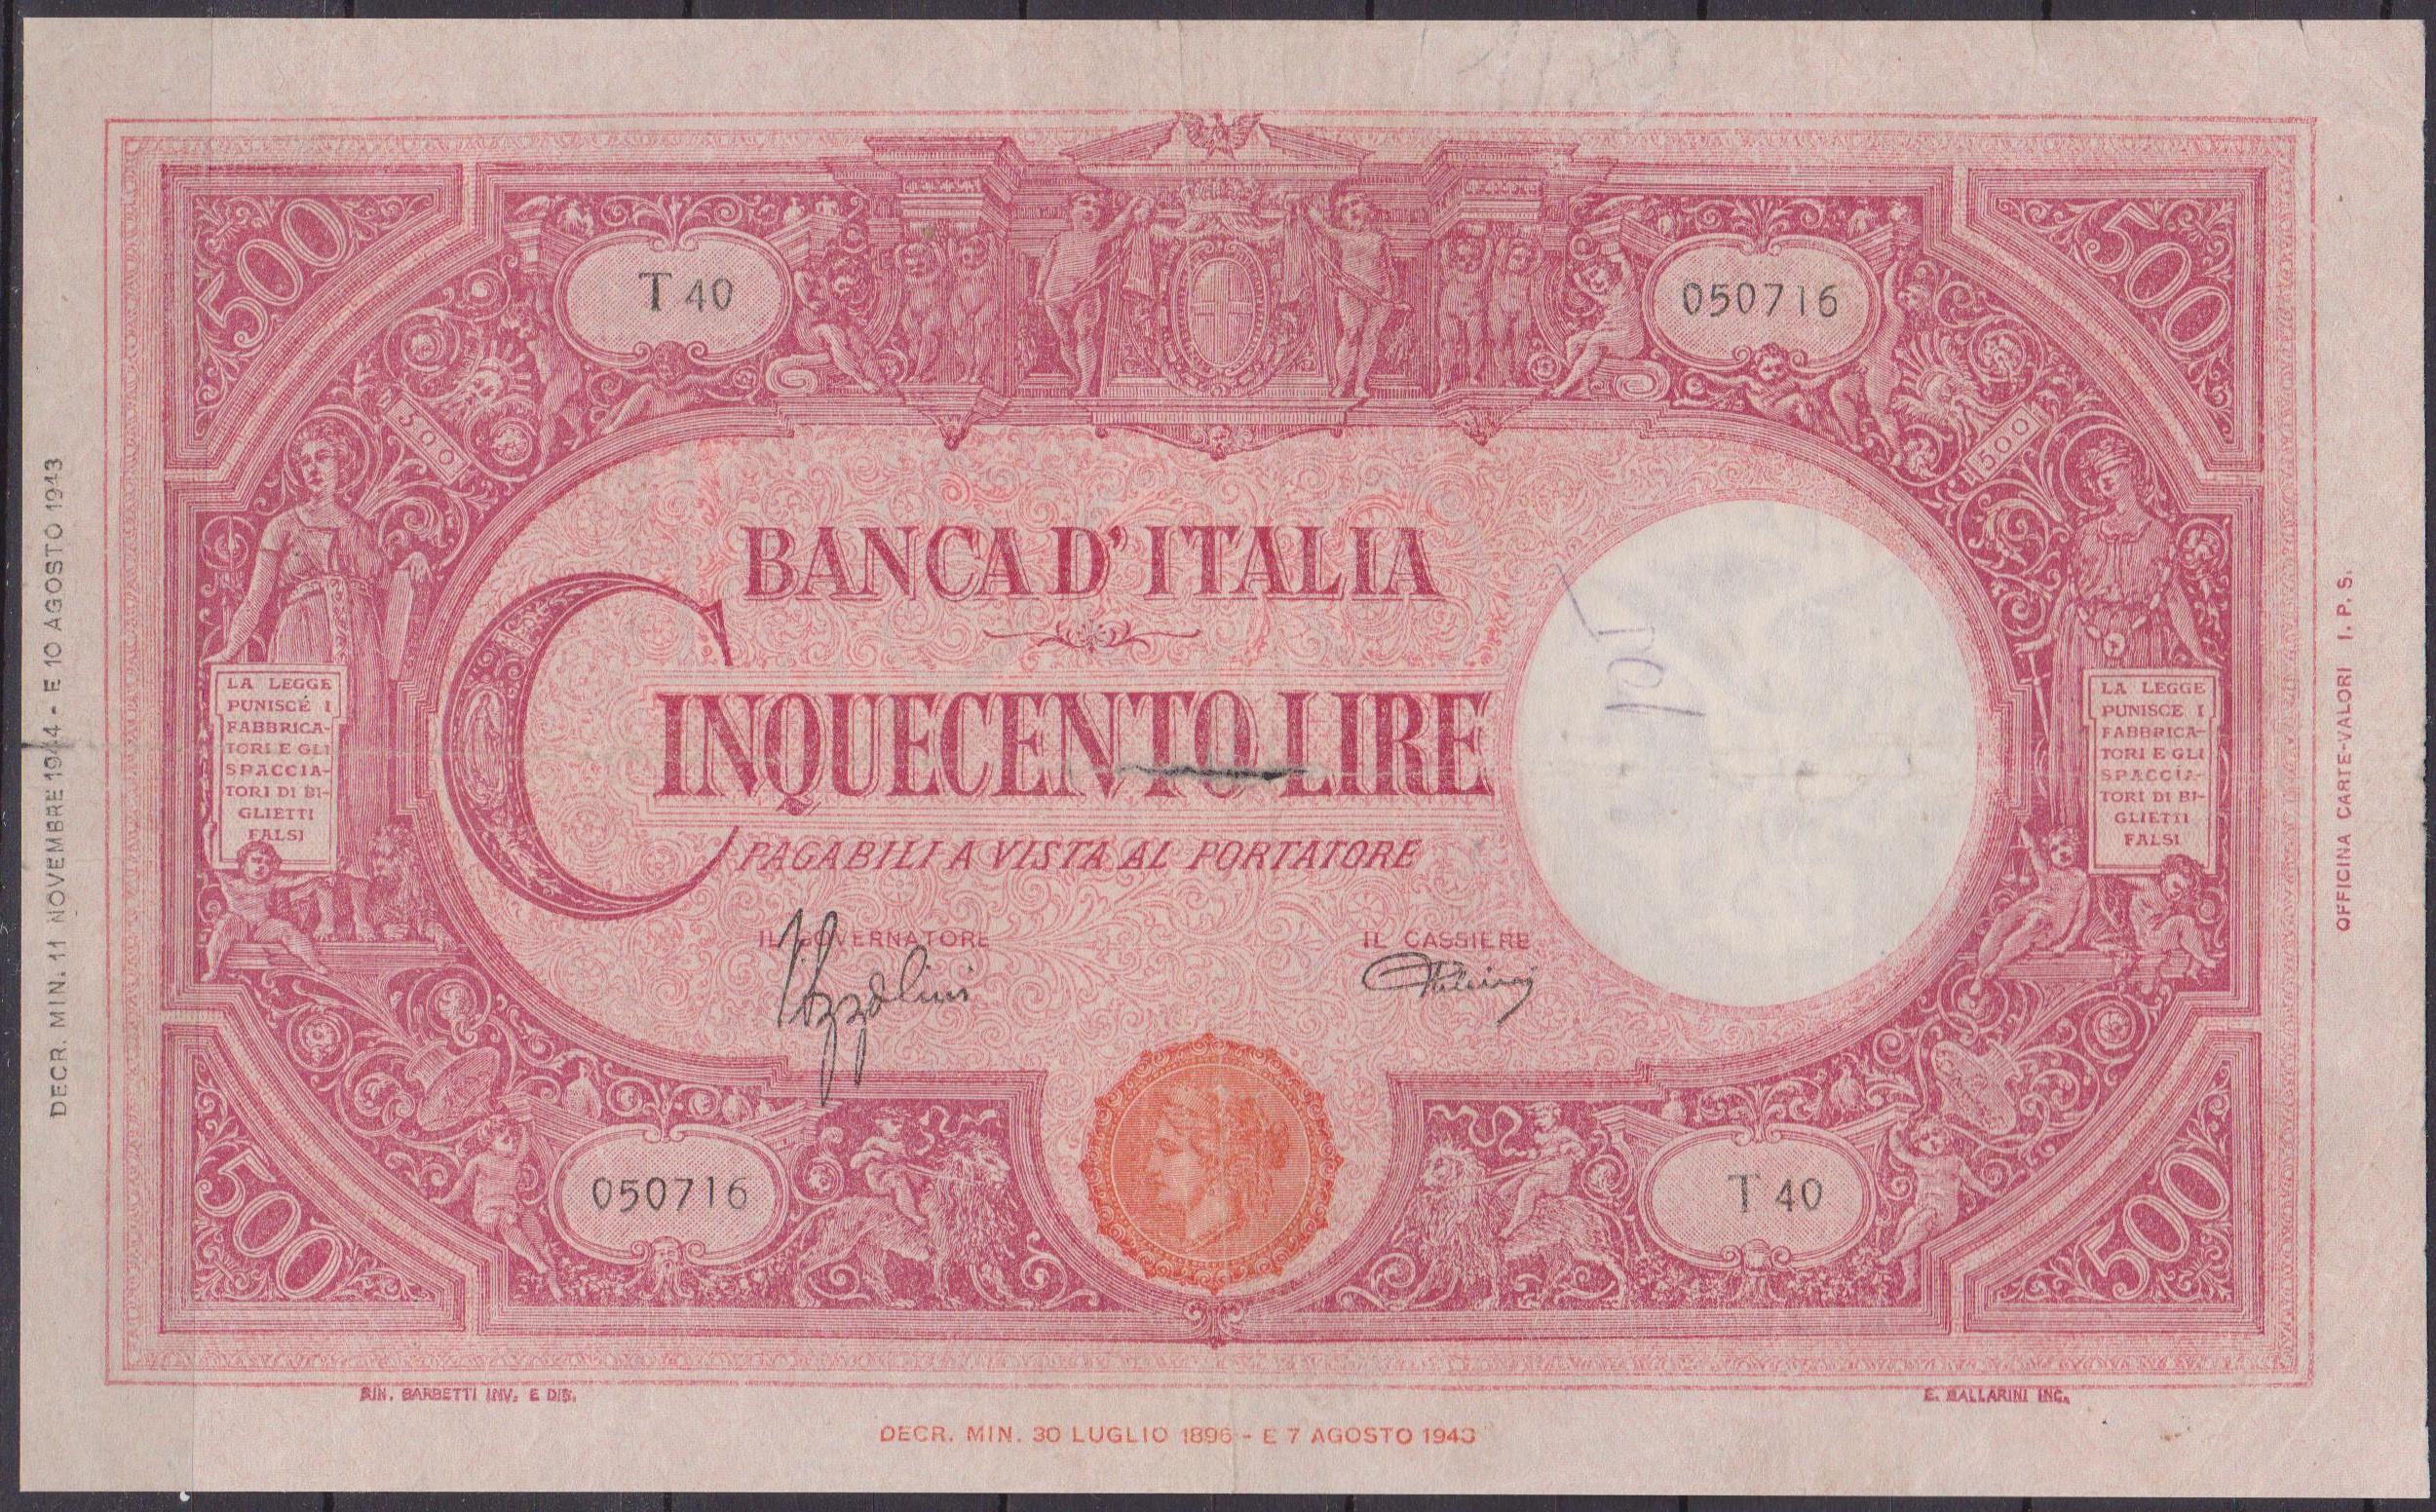 banconota 2 lire 500 001